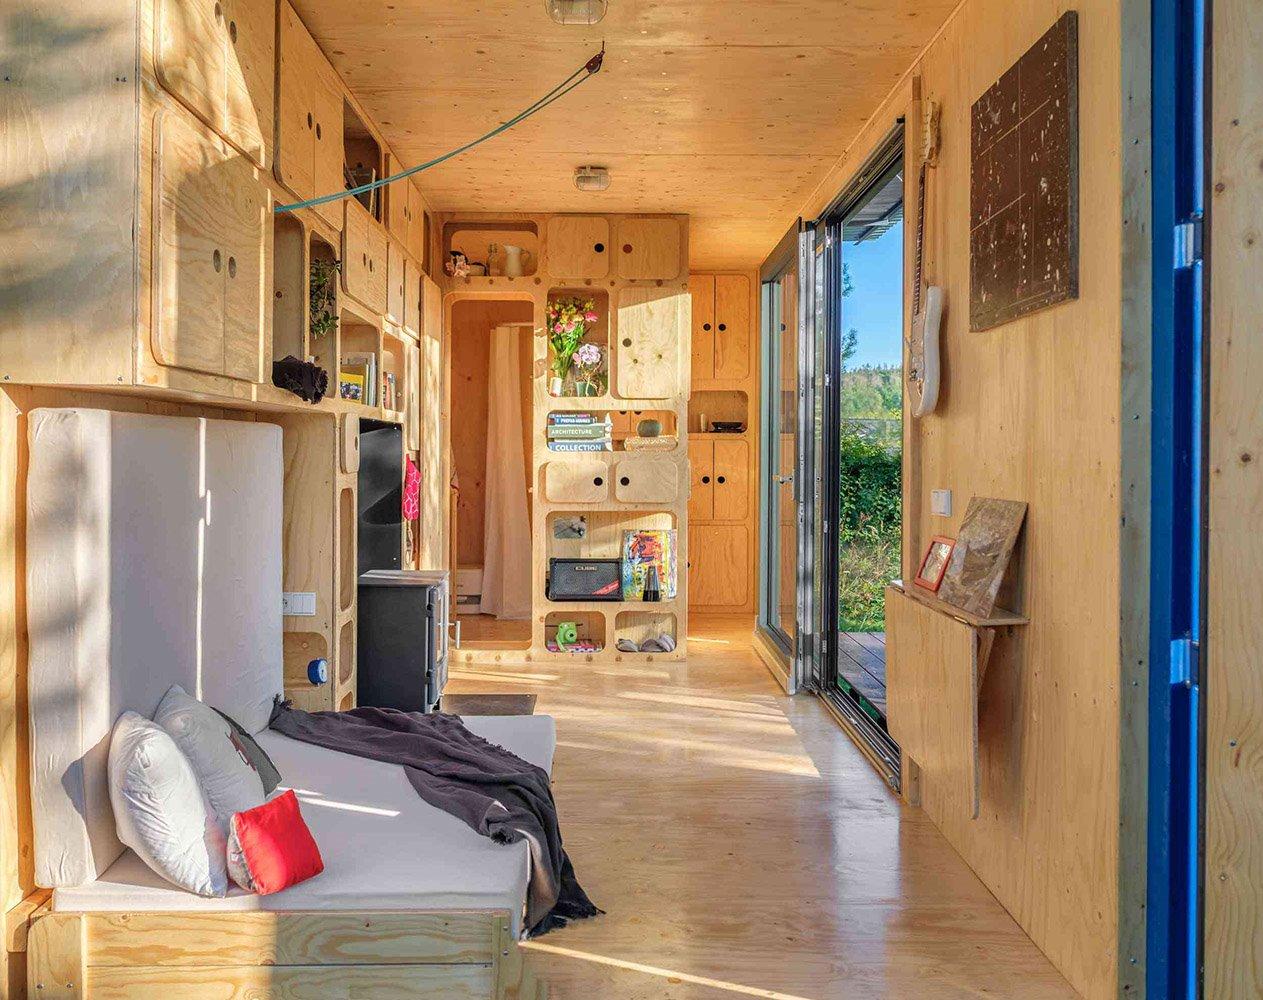 El interior se ha forrado por completo con madera de abeto y diseñado para el máximo aprovechamiento del espacio.